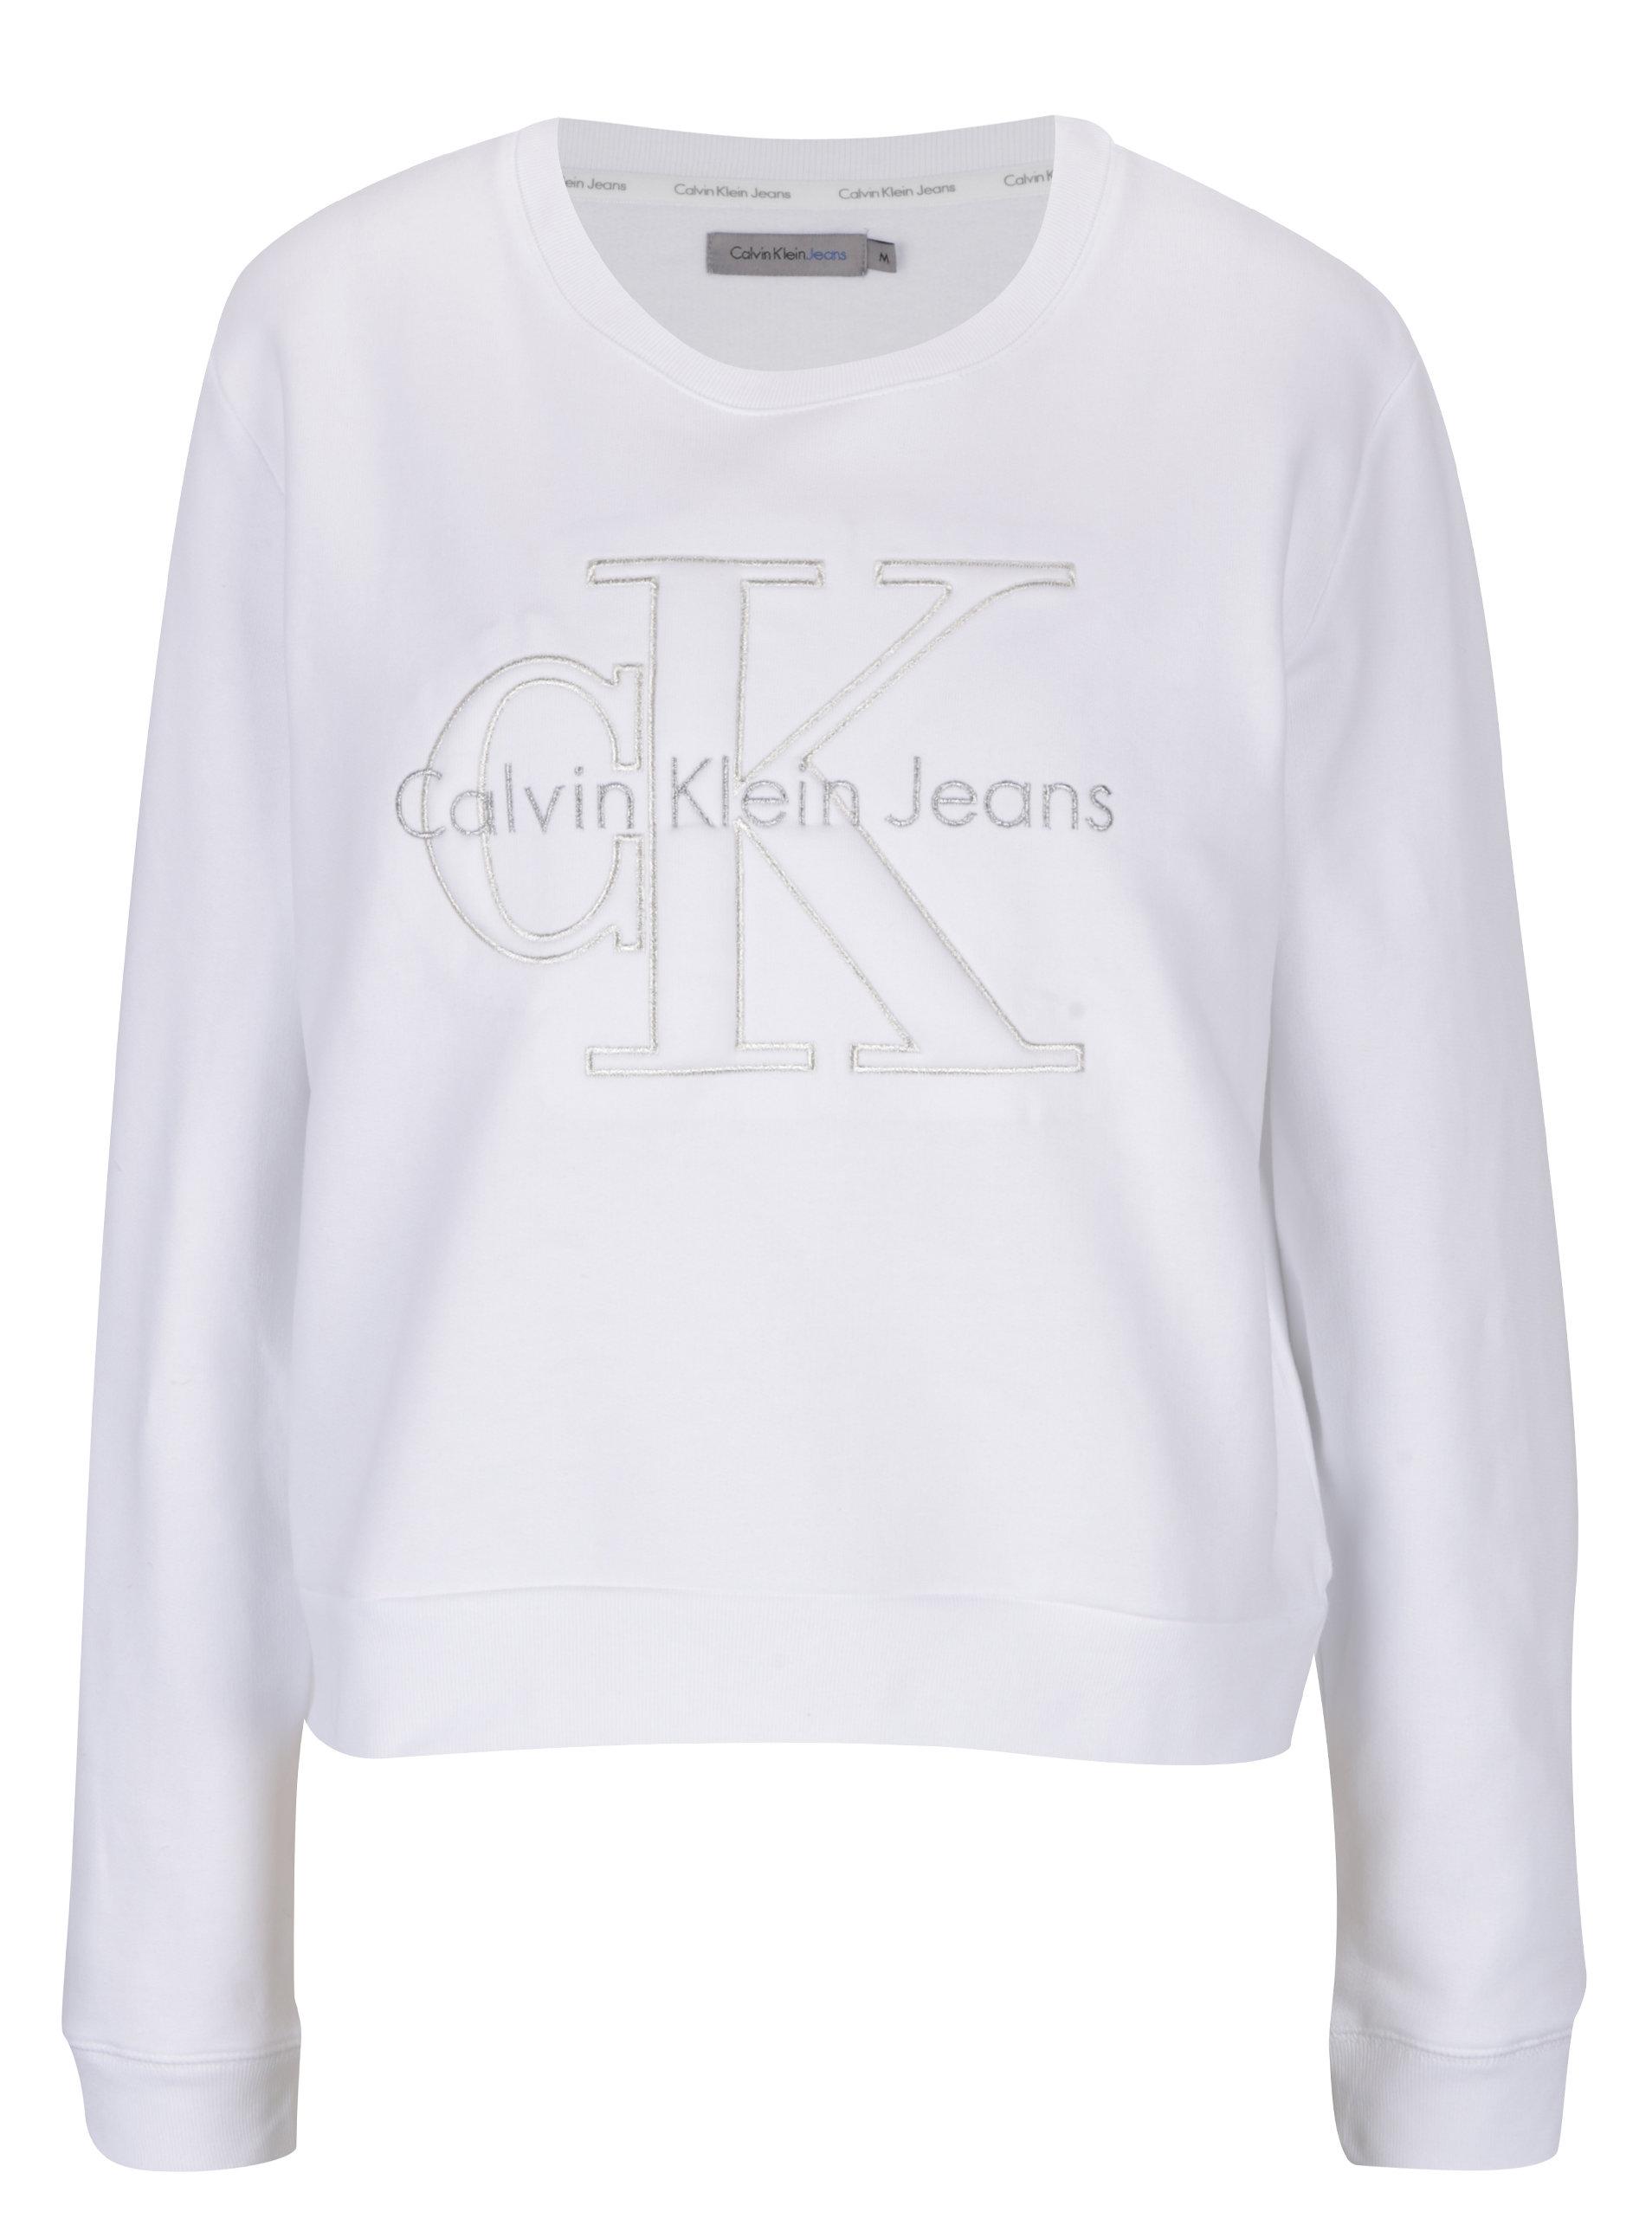 Bílá dámská mikina s výšivkou Calvin Klein Jeans Harper ... 32d62d5d9dc